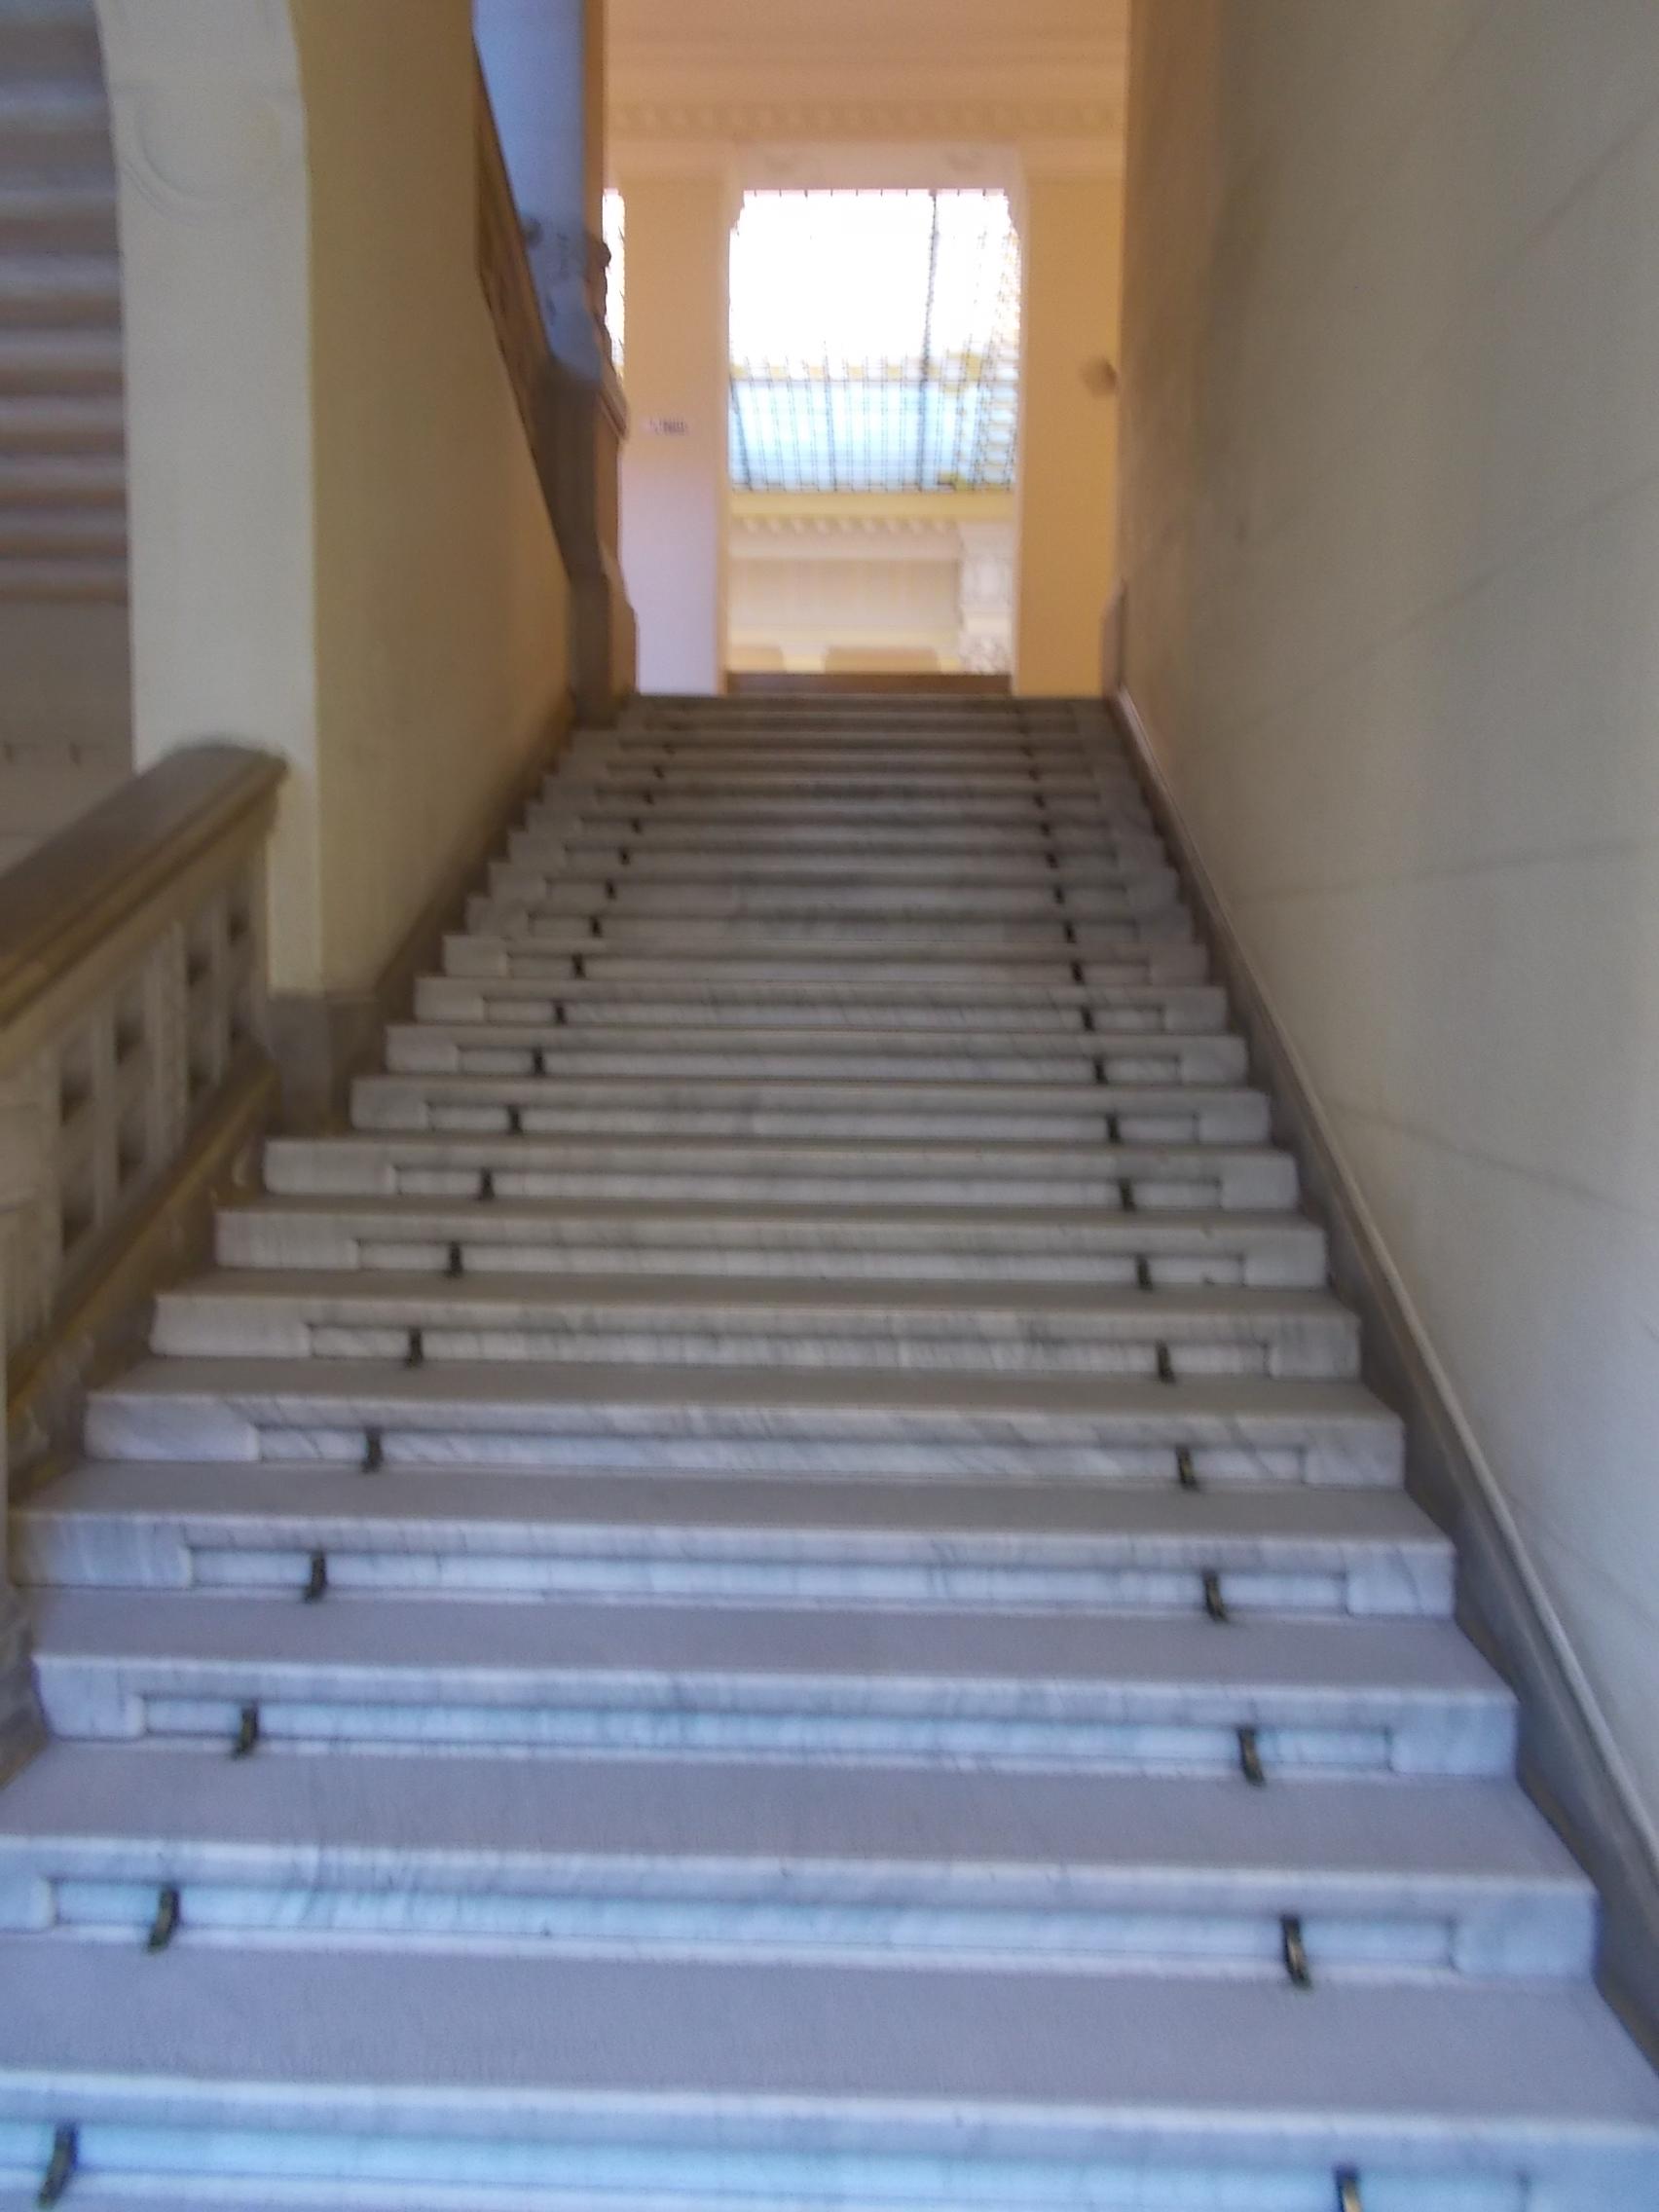 File:BME K épület, lépcső az aulánál, 2016 Budapest.jpg